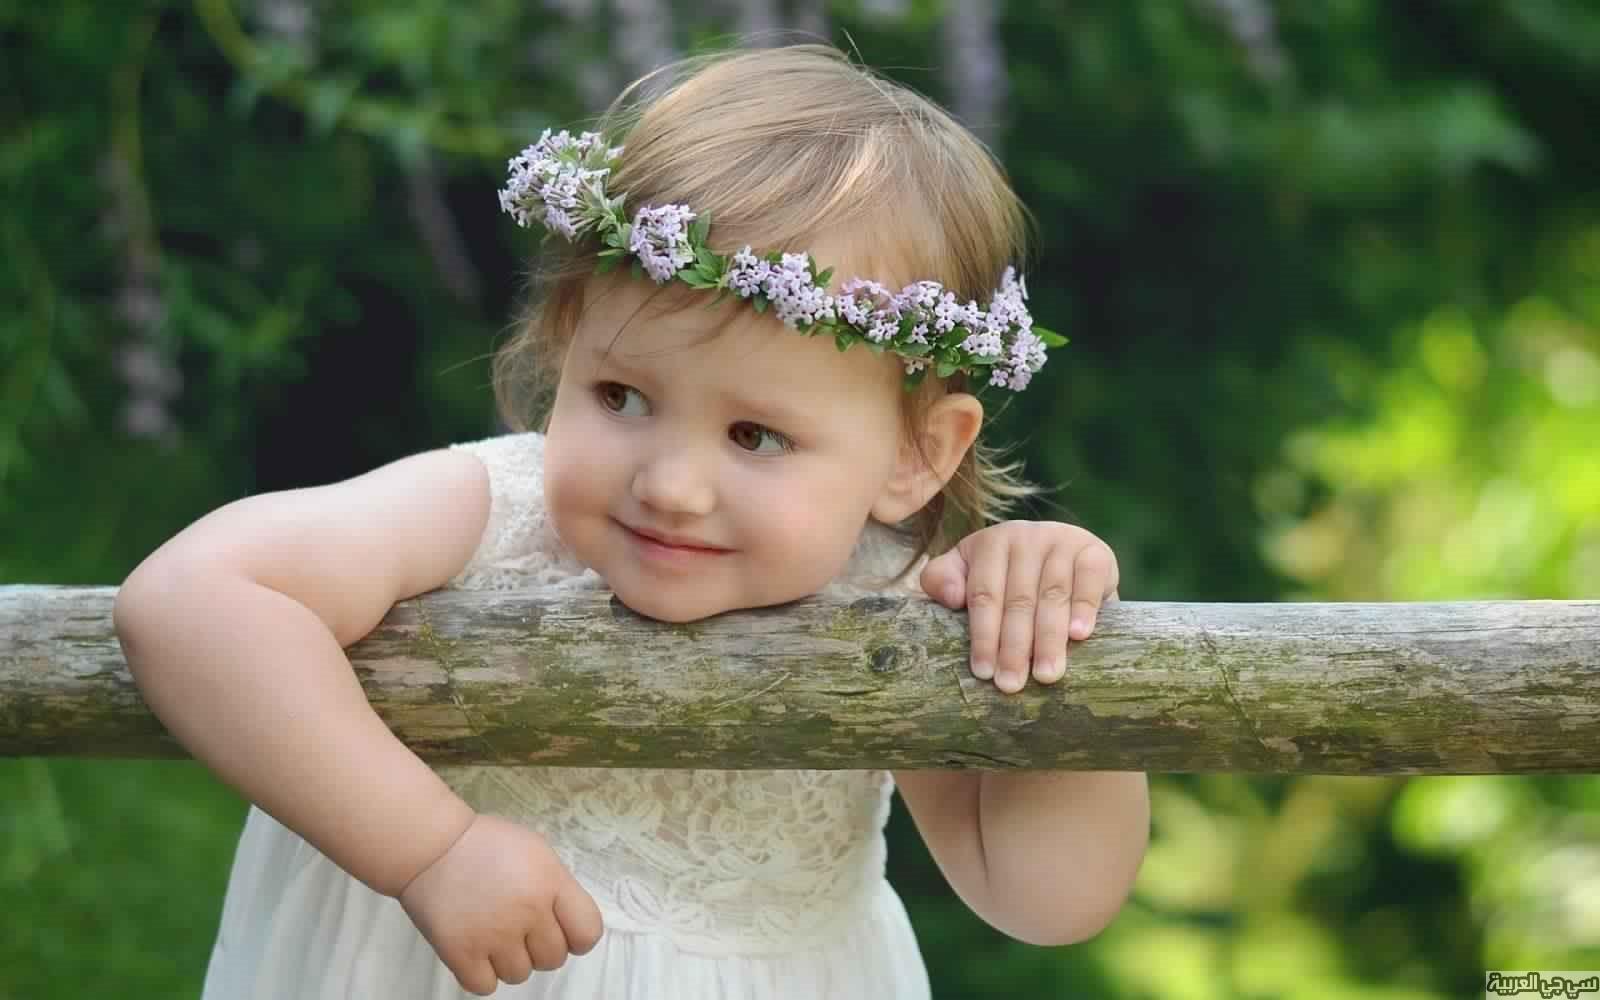 بالصور صور اولاد صغار اروع صور اطفال صغار جديدة , خلفيات لبراءة الاطفال 3983 8